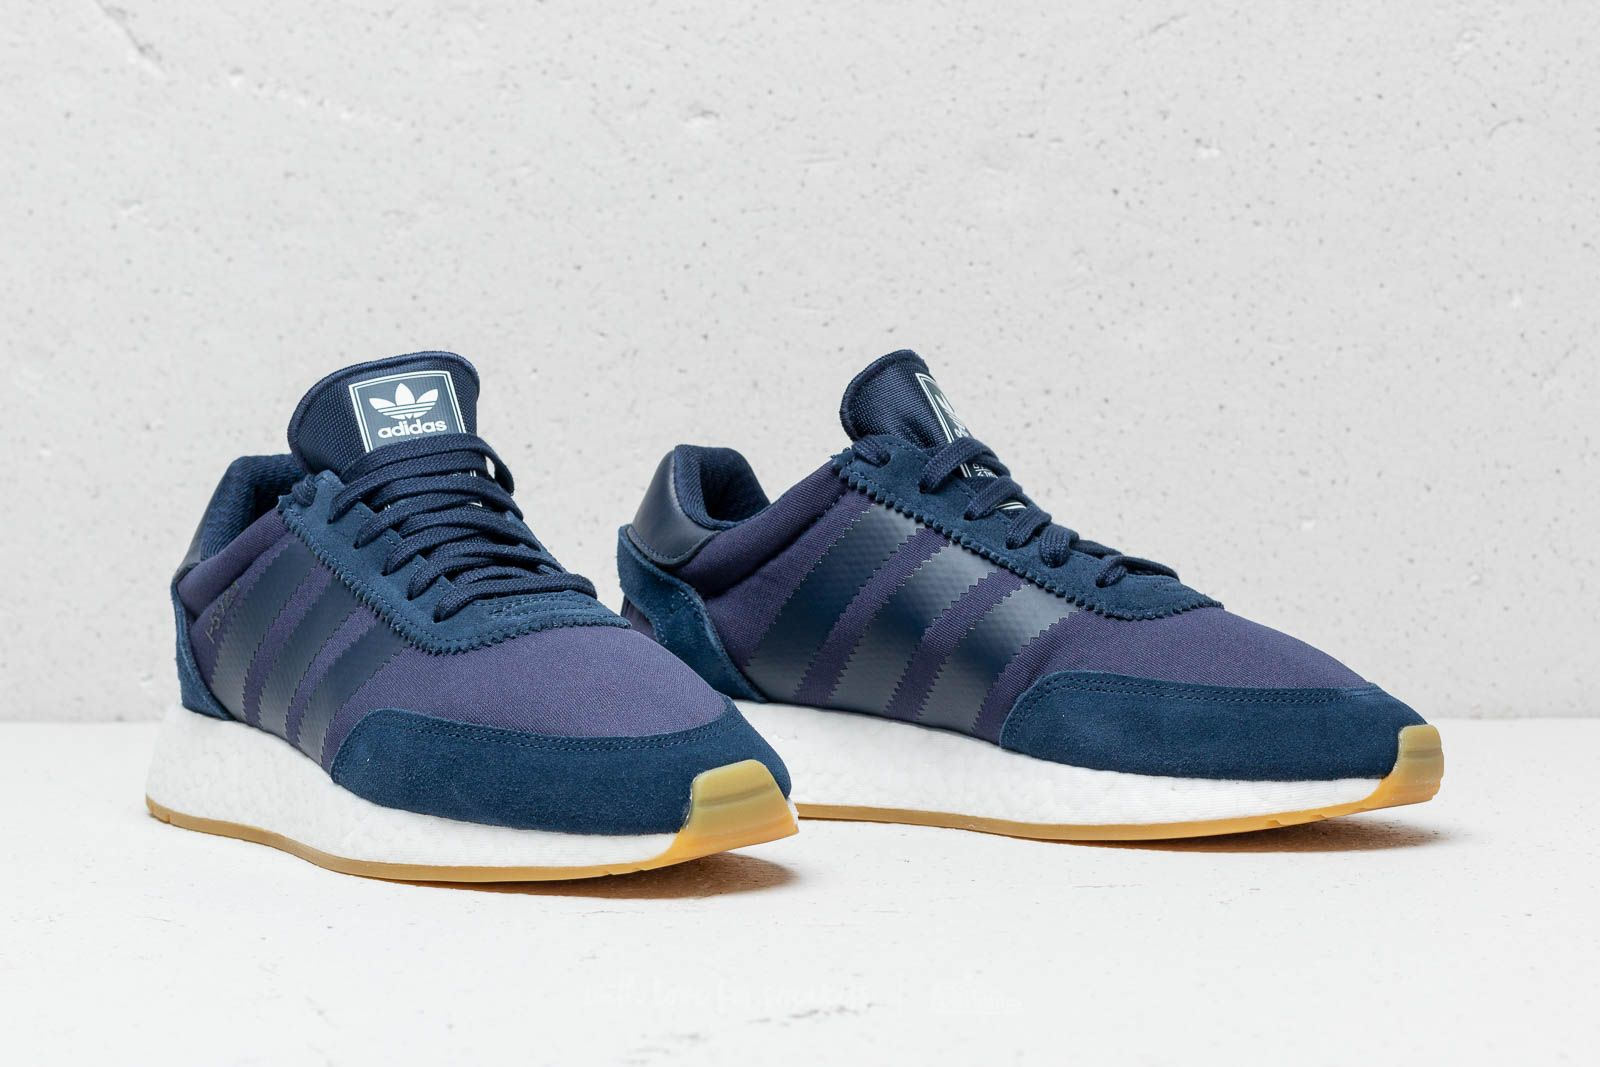 Adidas I 5923 Collegiate Navy Gum